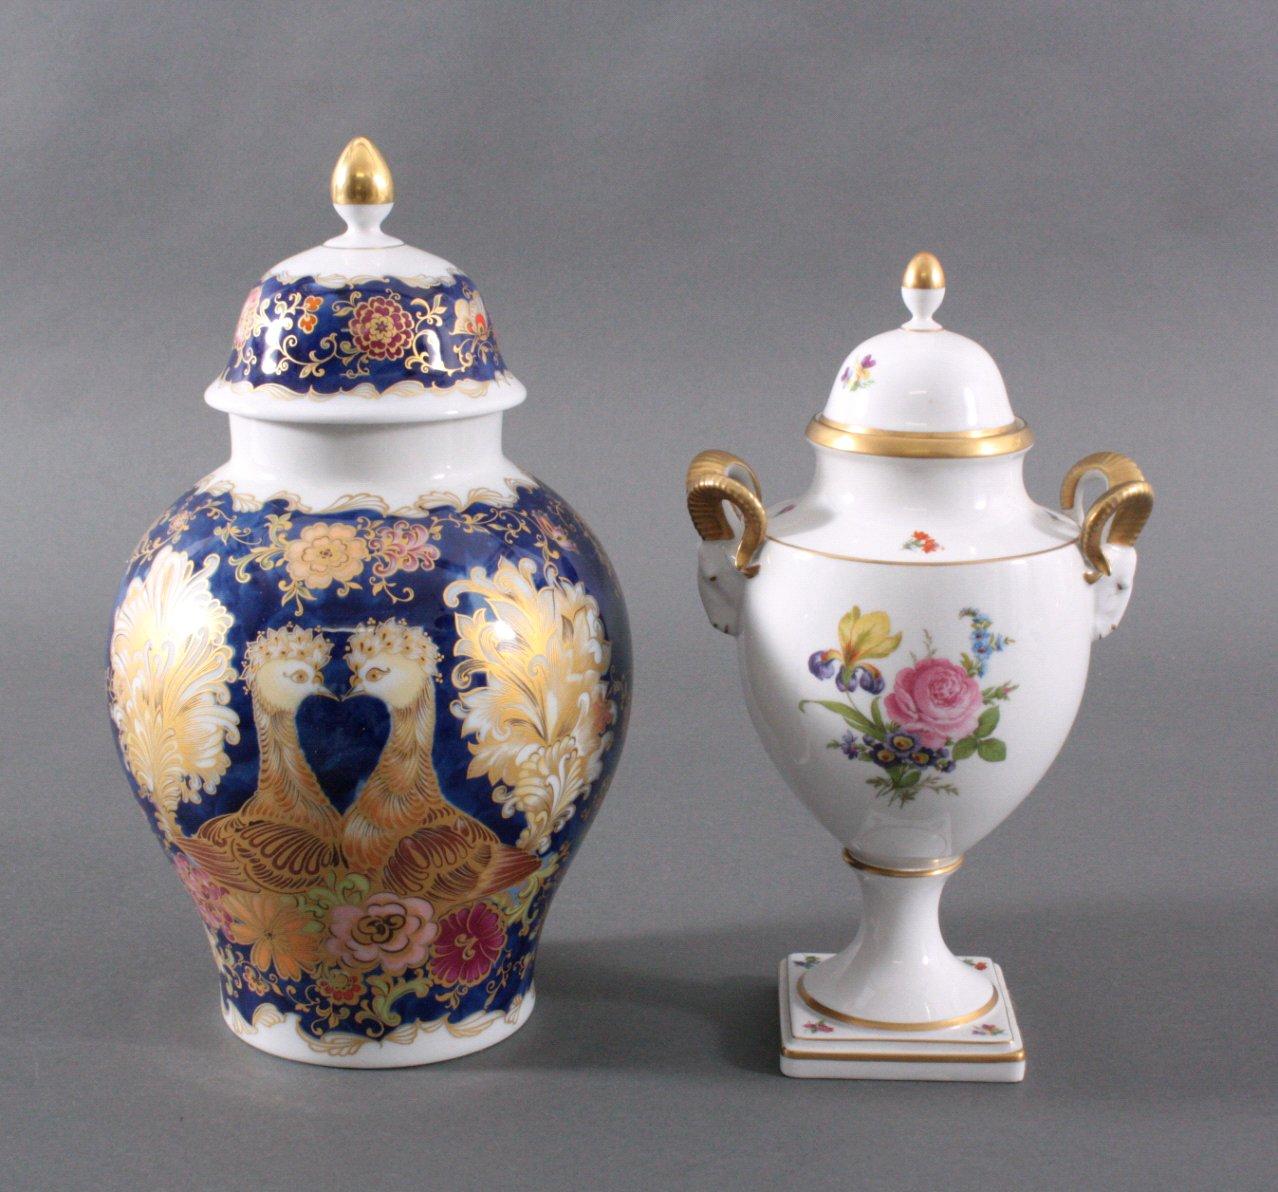 2 Vasen, Kaiser-Porzellan